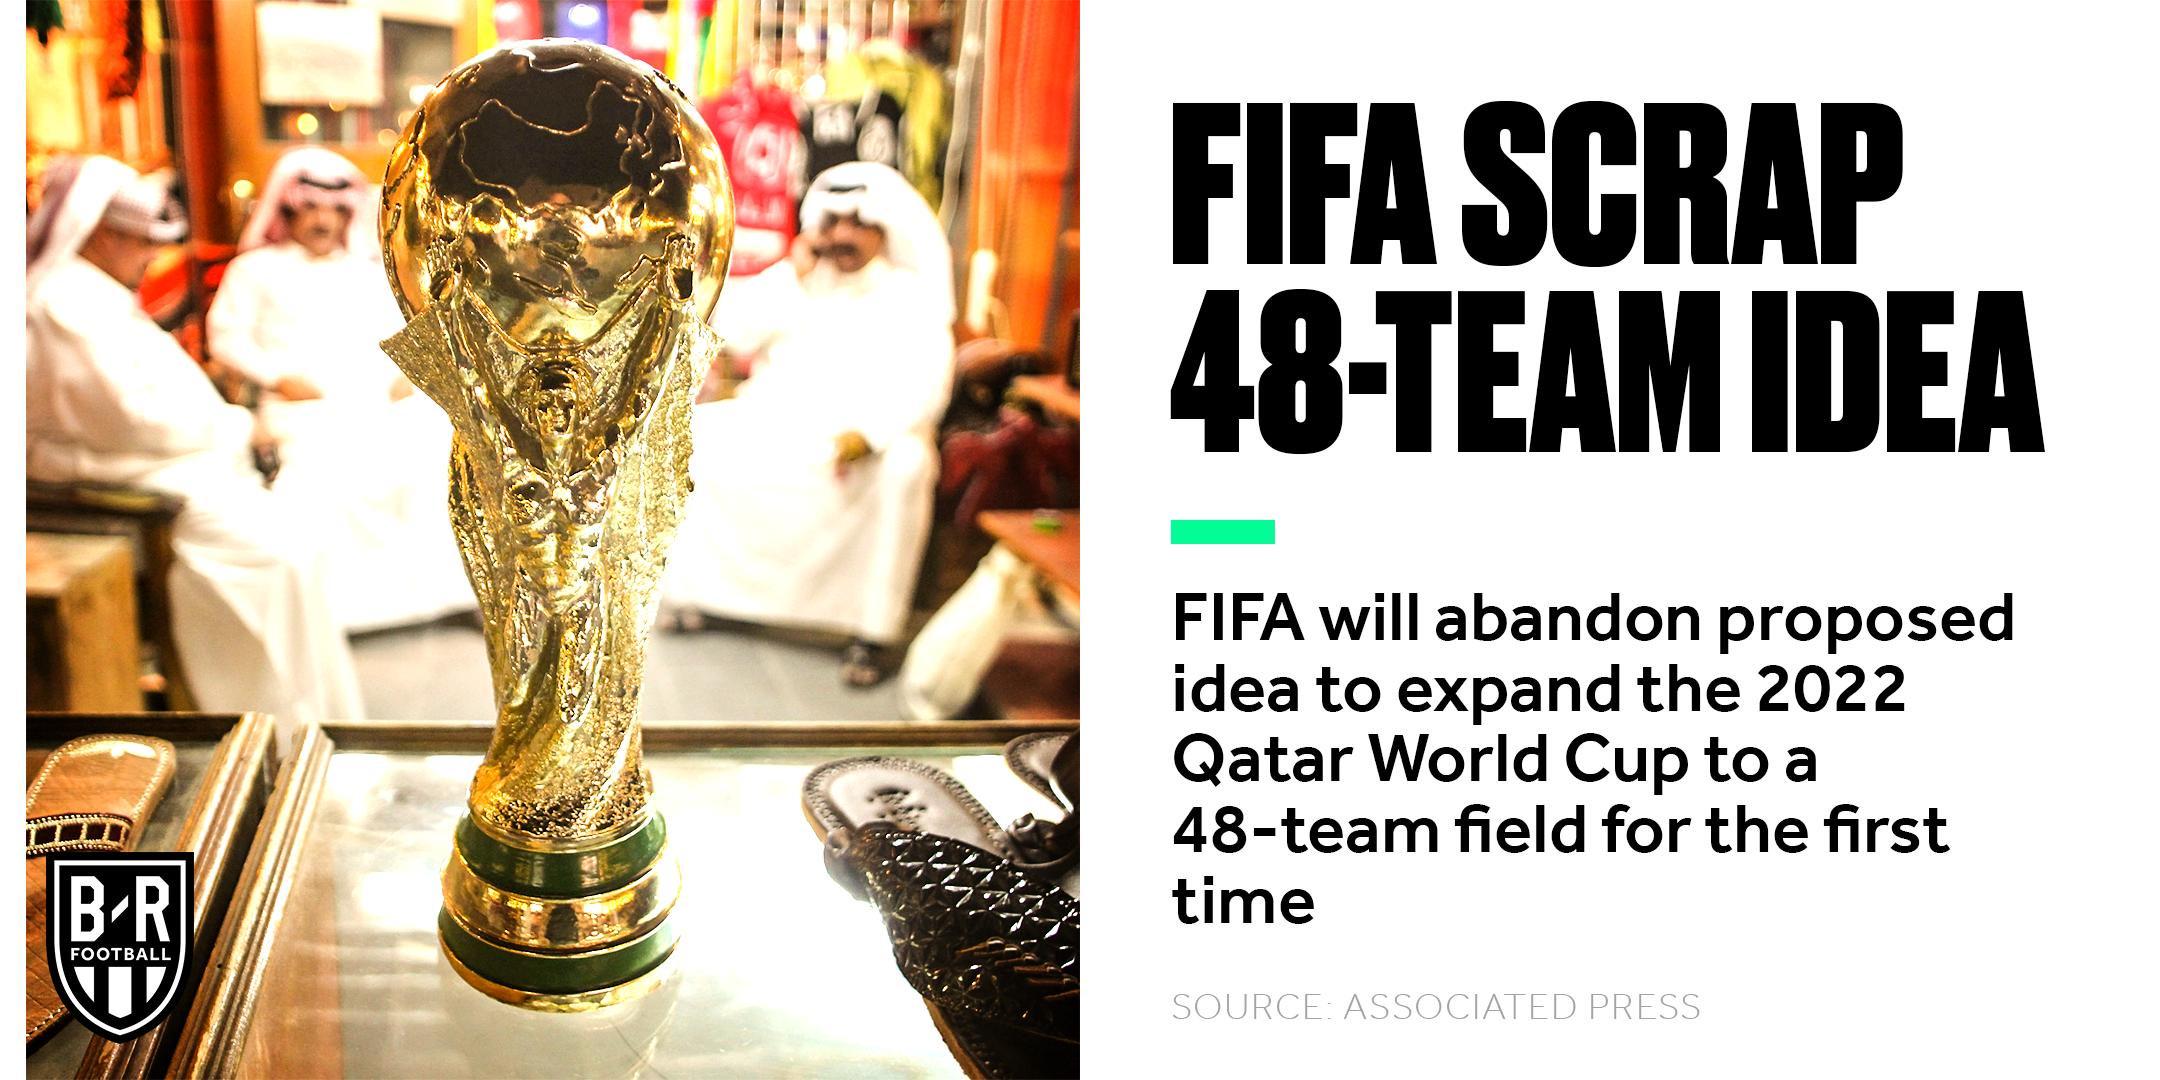 2022世界杯不扩军怎么回事? 2022世界杯为什么不扩军?